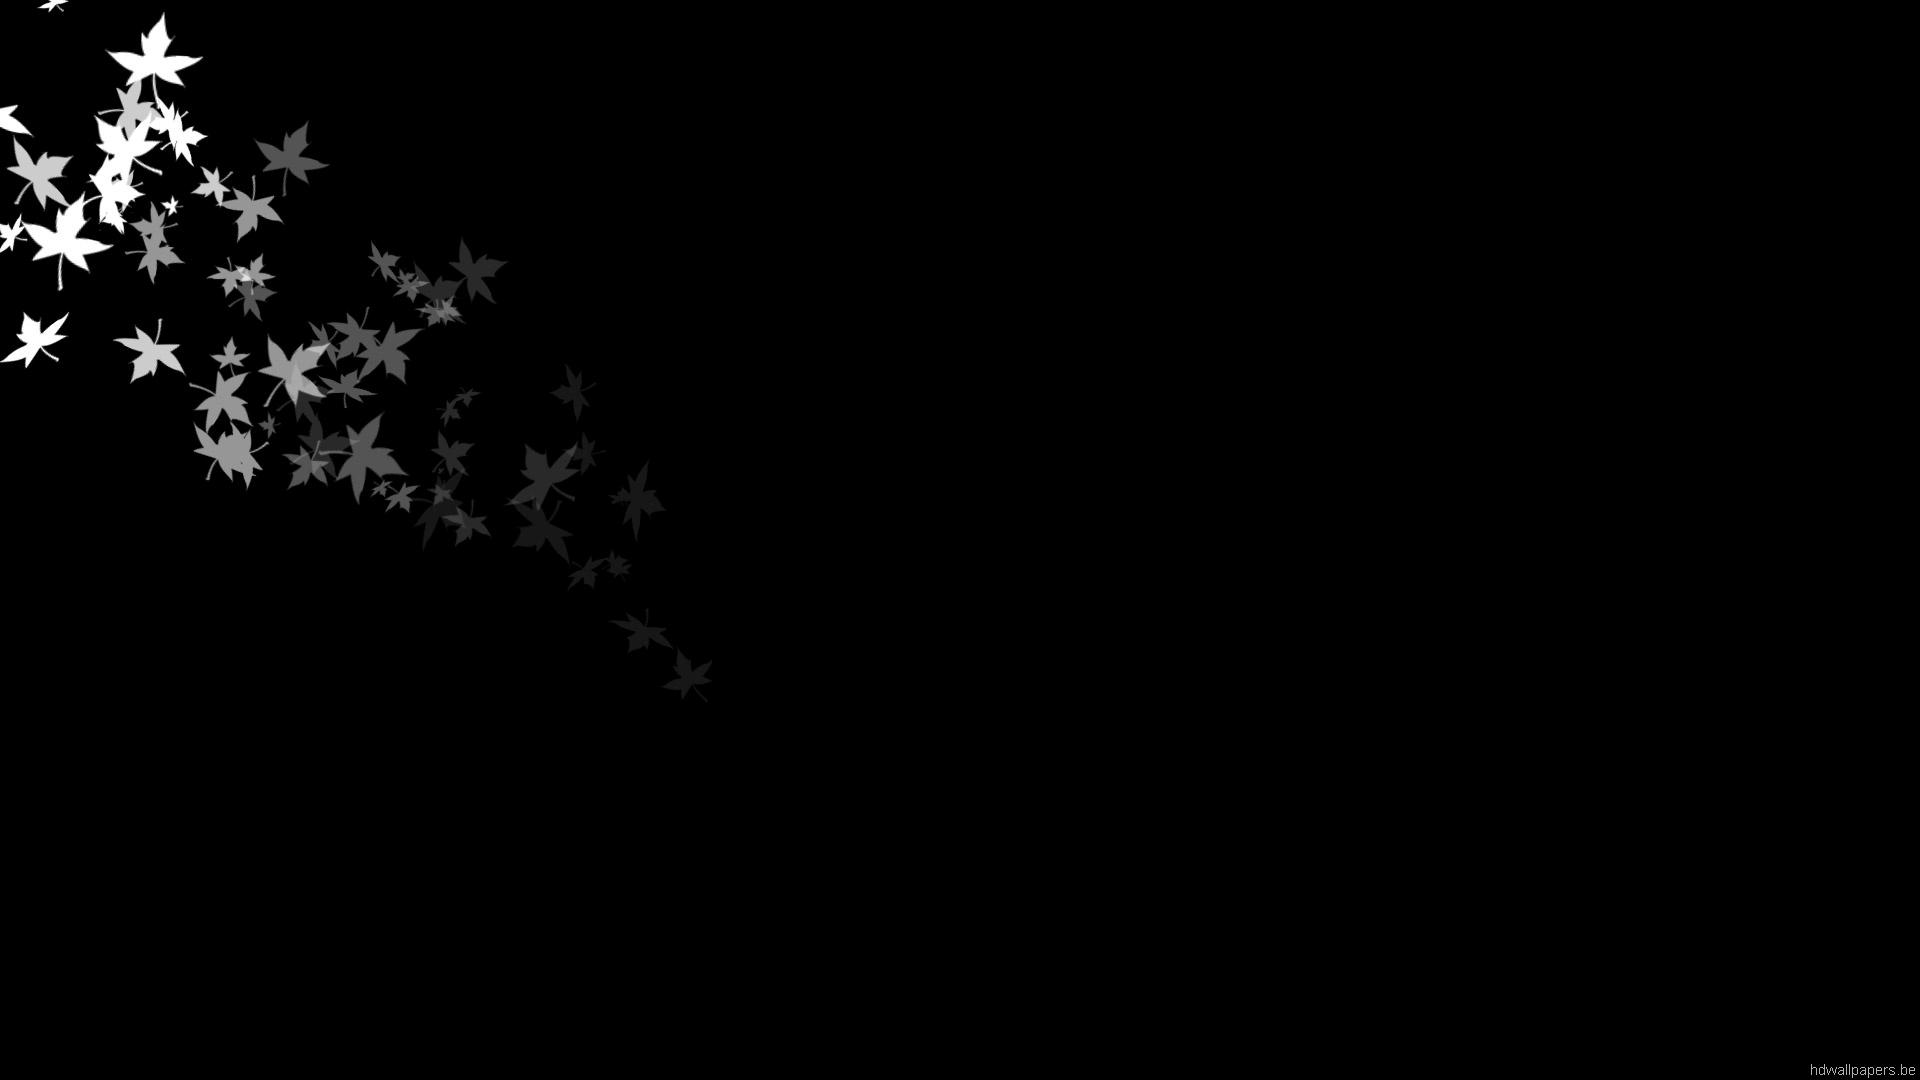 Black Wallpaper 1920x1080 2 Background Hdblackwallpaper Com